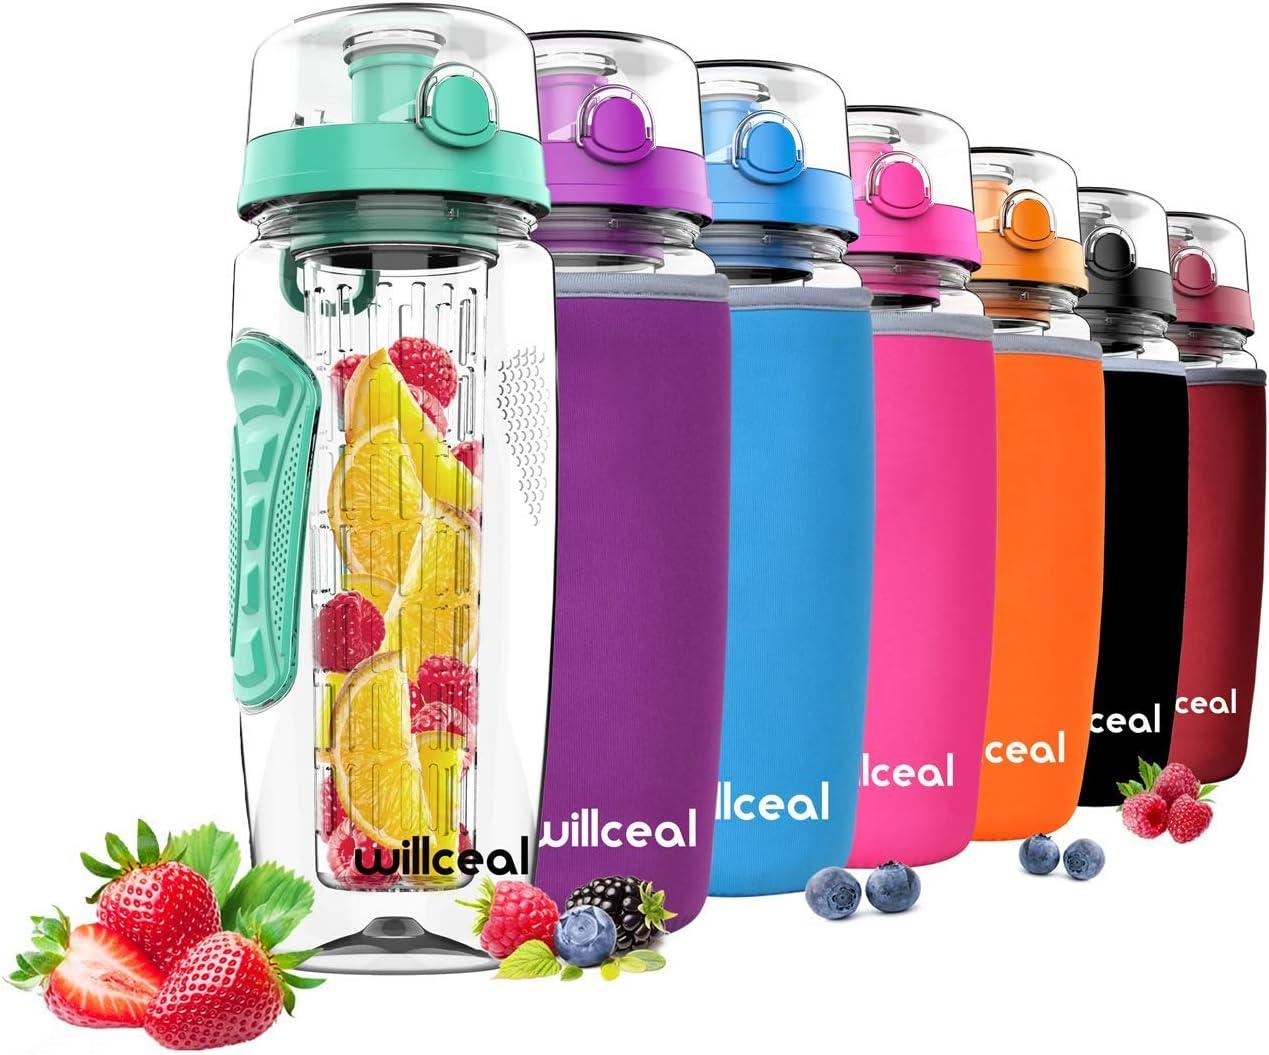 willceal Botella de Agua con Tapa para infusiones de Frutas, Resistente, con diseño a Prueba de Fugas, tamaño Grande, Libre de BPA, Ideal para Llevar Cuando Haces Deportes, para IR a Acampar, etc